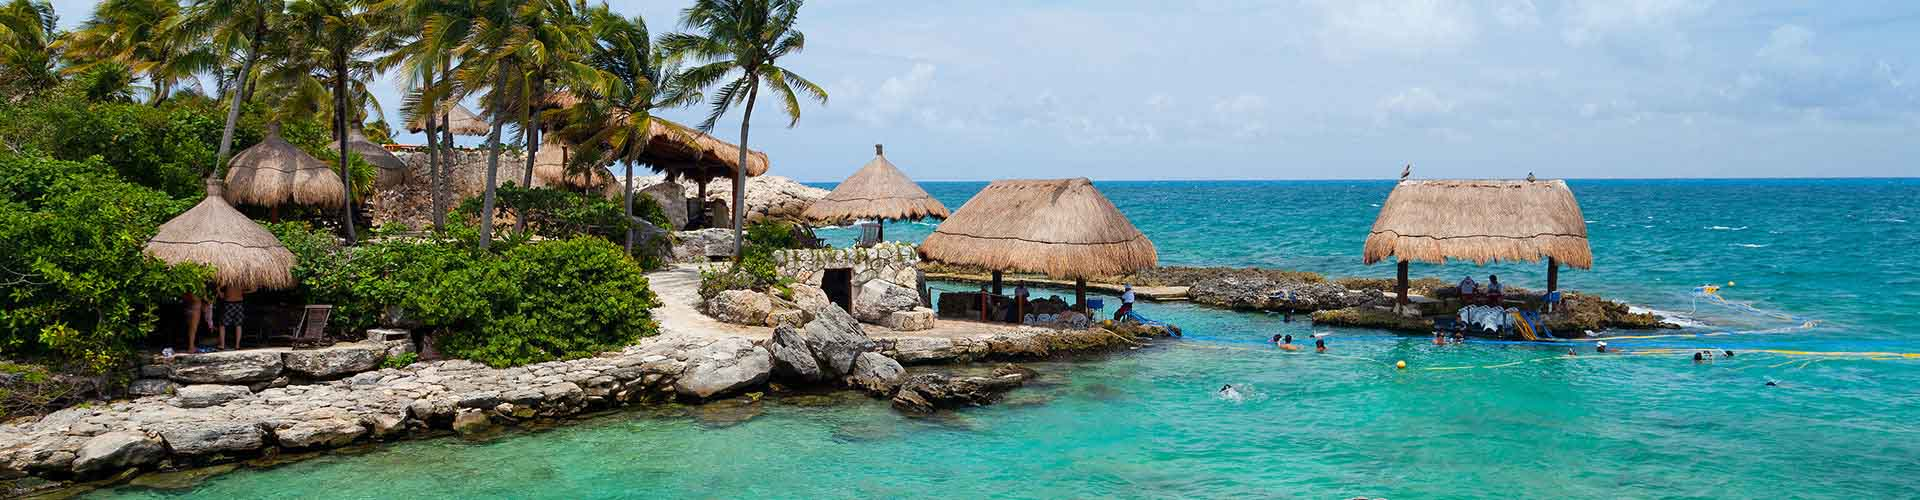 Cancun - Hôtels à Cancun. Cartes pour Cancun, photos et commentaires pour chaque hôtel à Cancun.